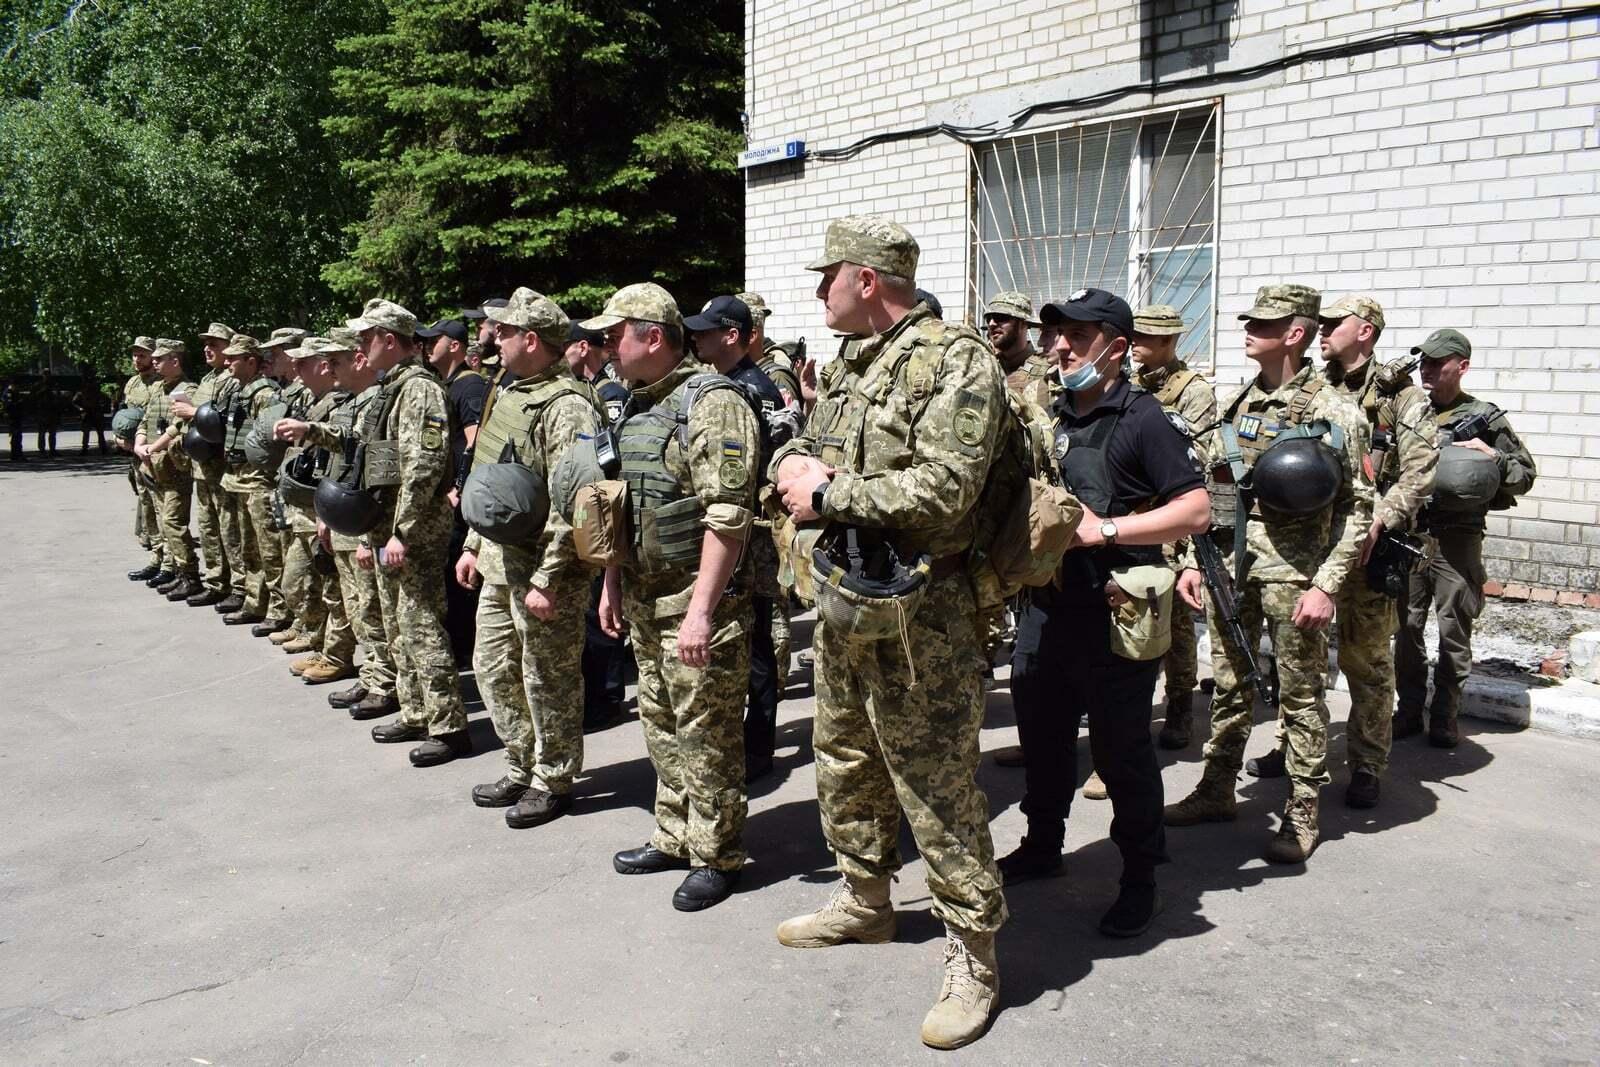 В учениях также приняли участие ВСУ, полиция, НГУ и другие силовые ведомства